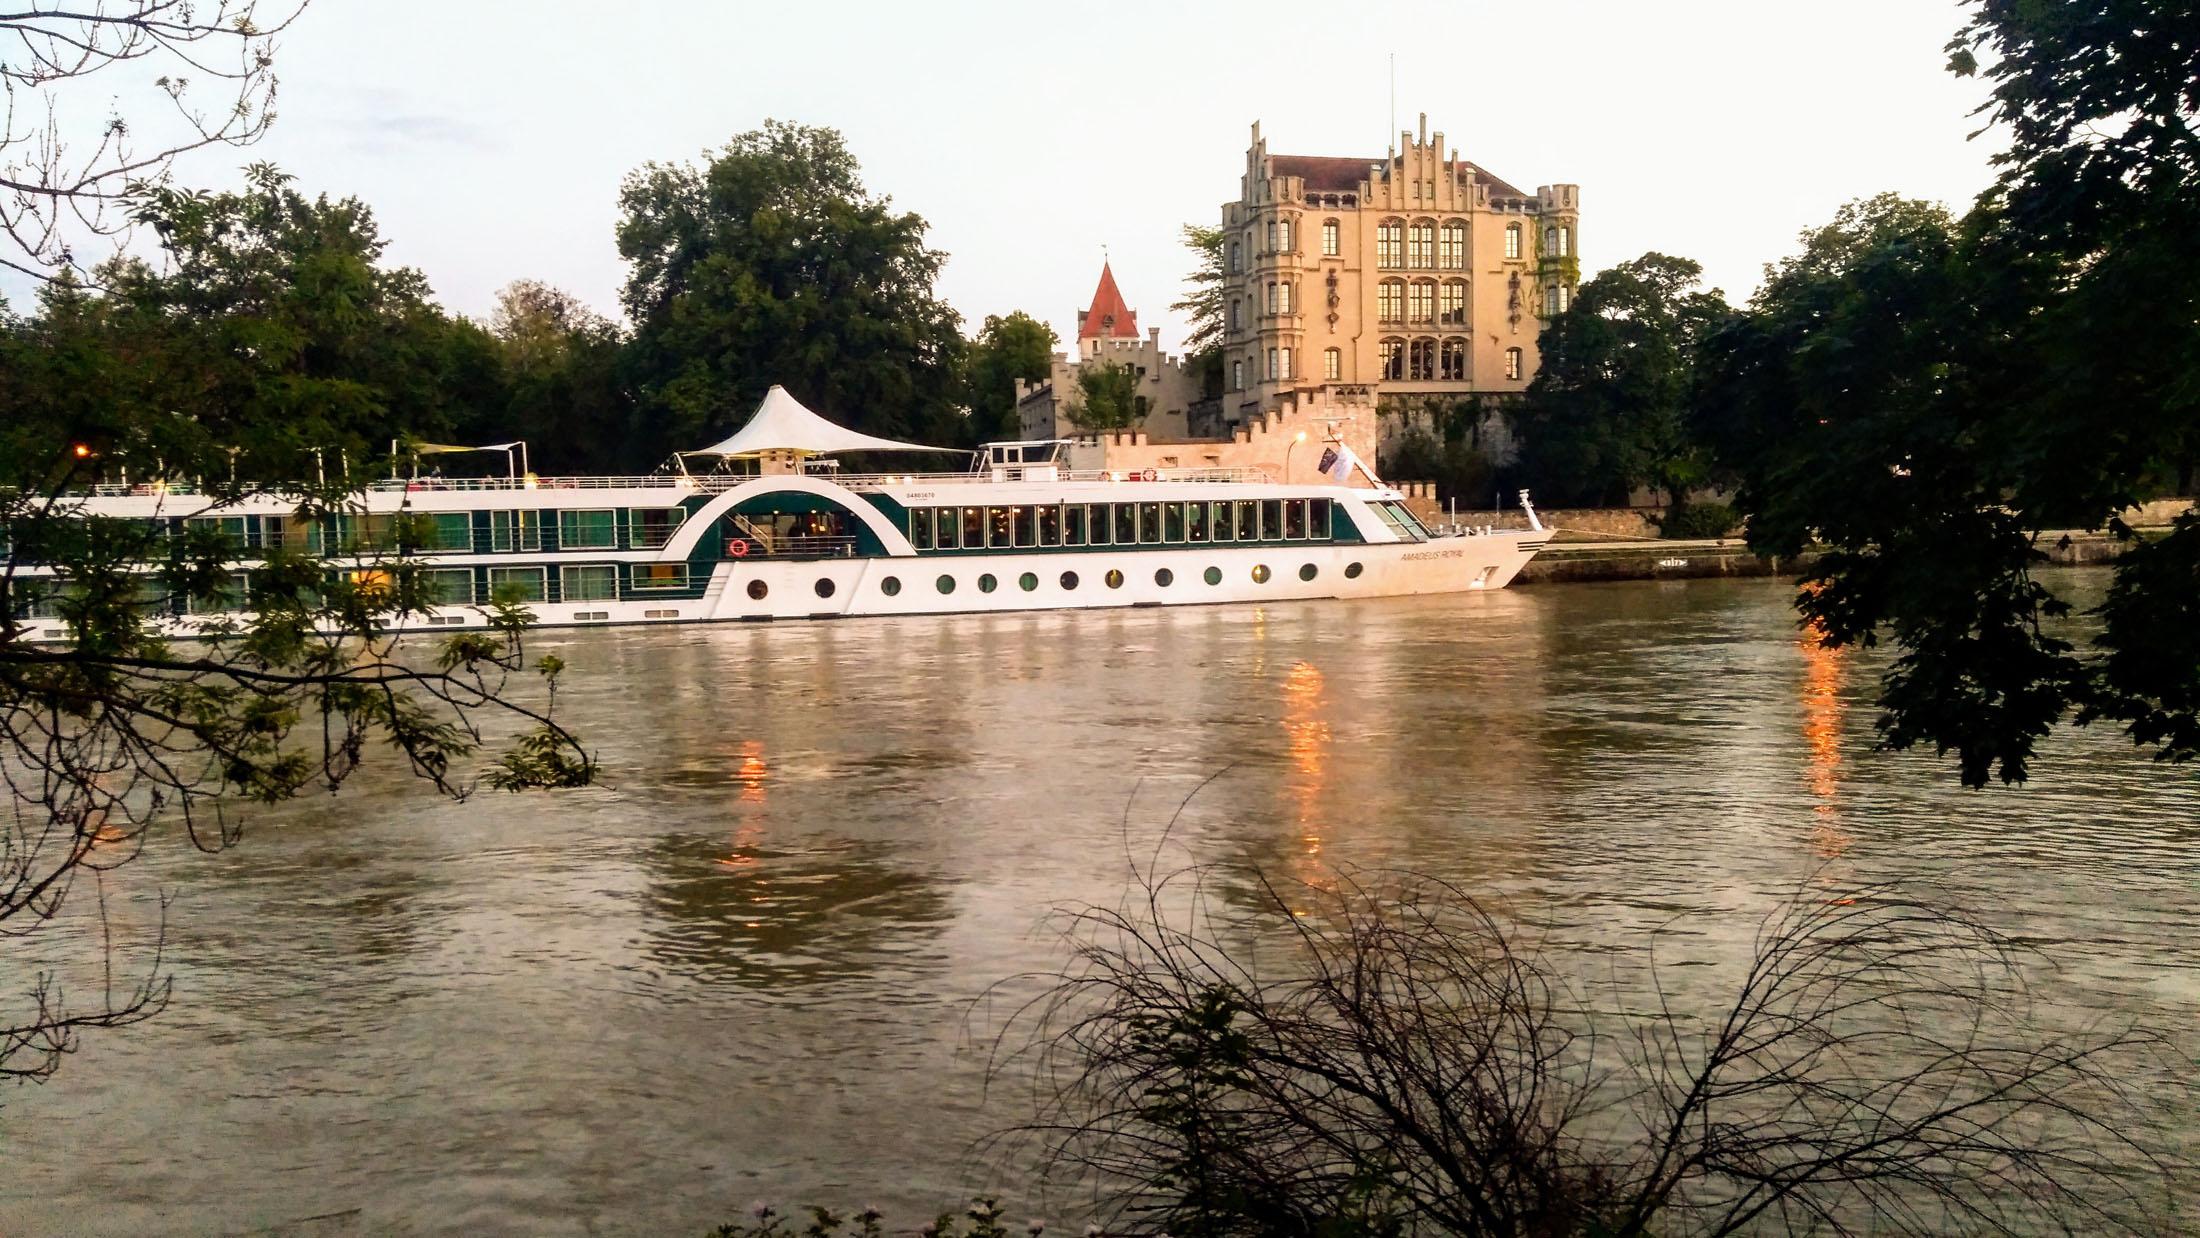 Boat trip on the river danube at Straubing - Schifffahrt auf der Donau bei Straubing